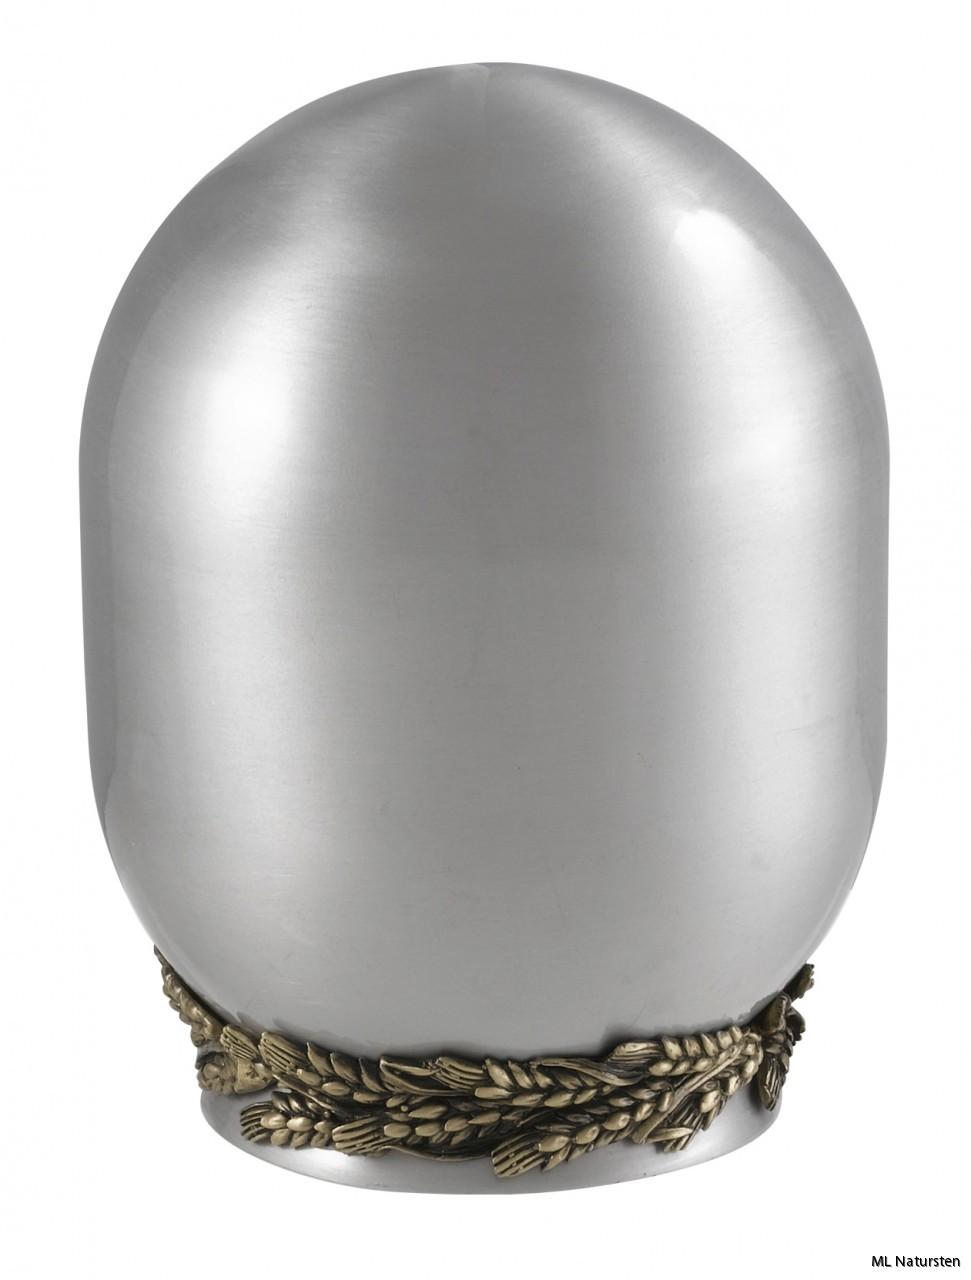 urne_21 (Askurna 4 - 1037.13.AL)